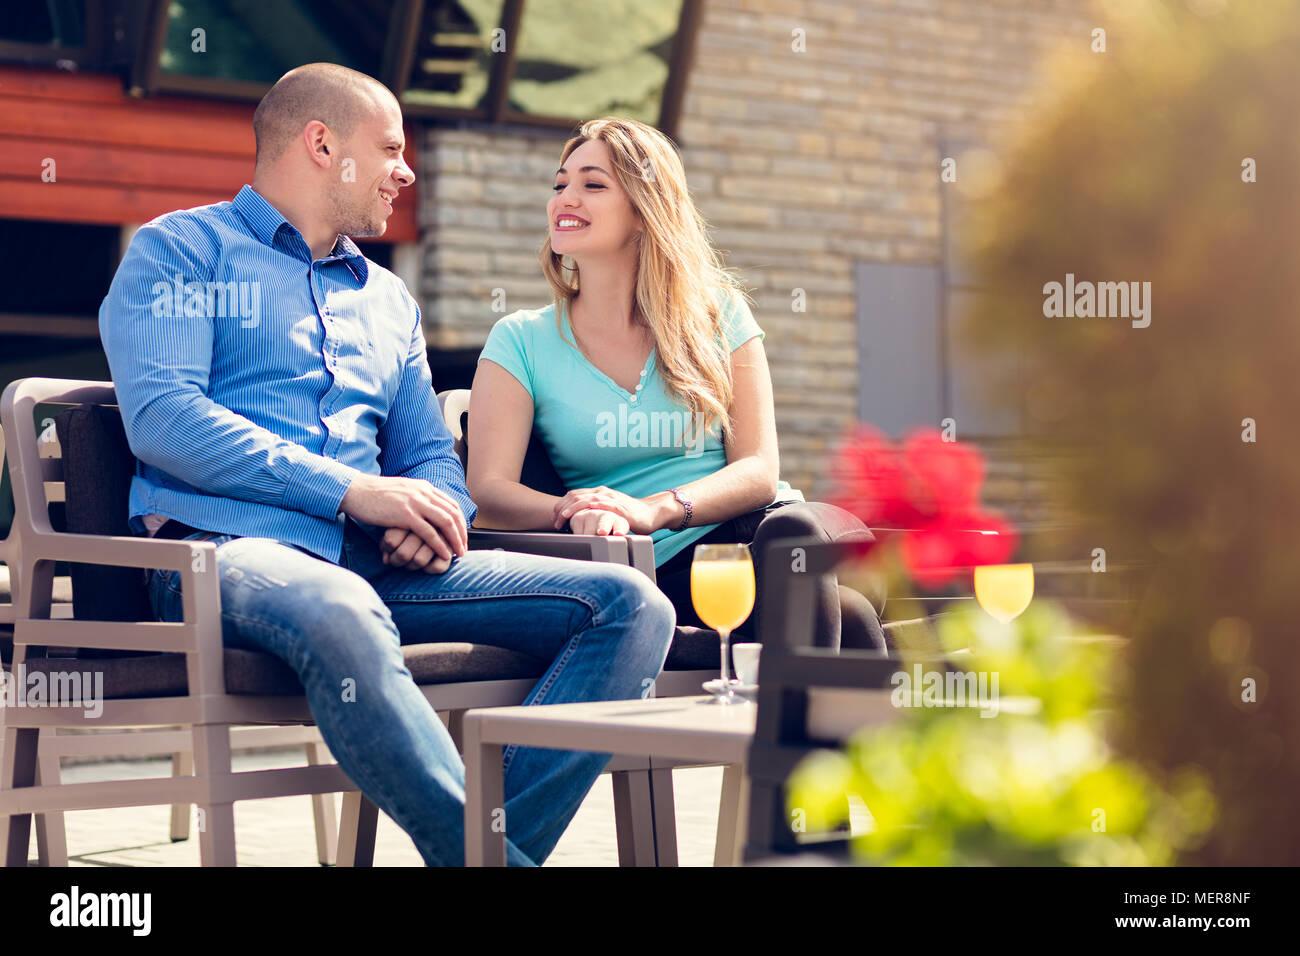 Markierung kubanischer Dating-Dienst